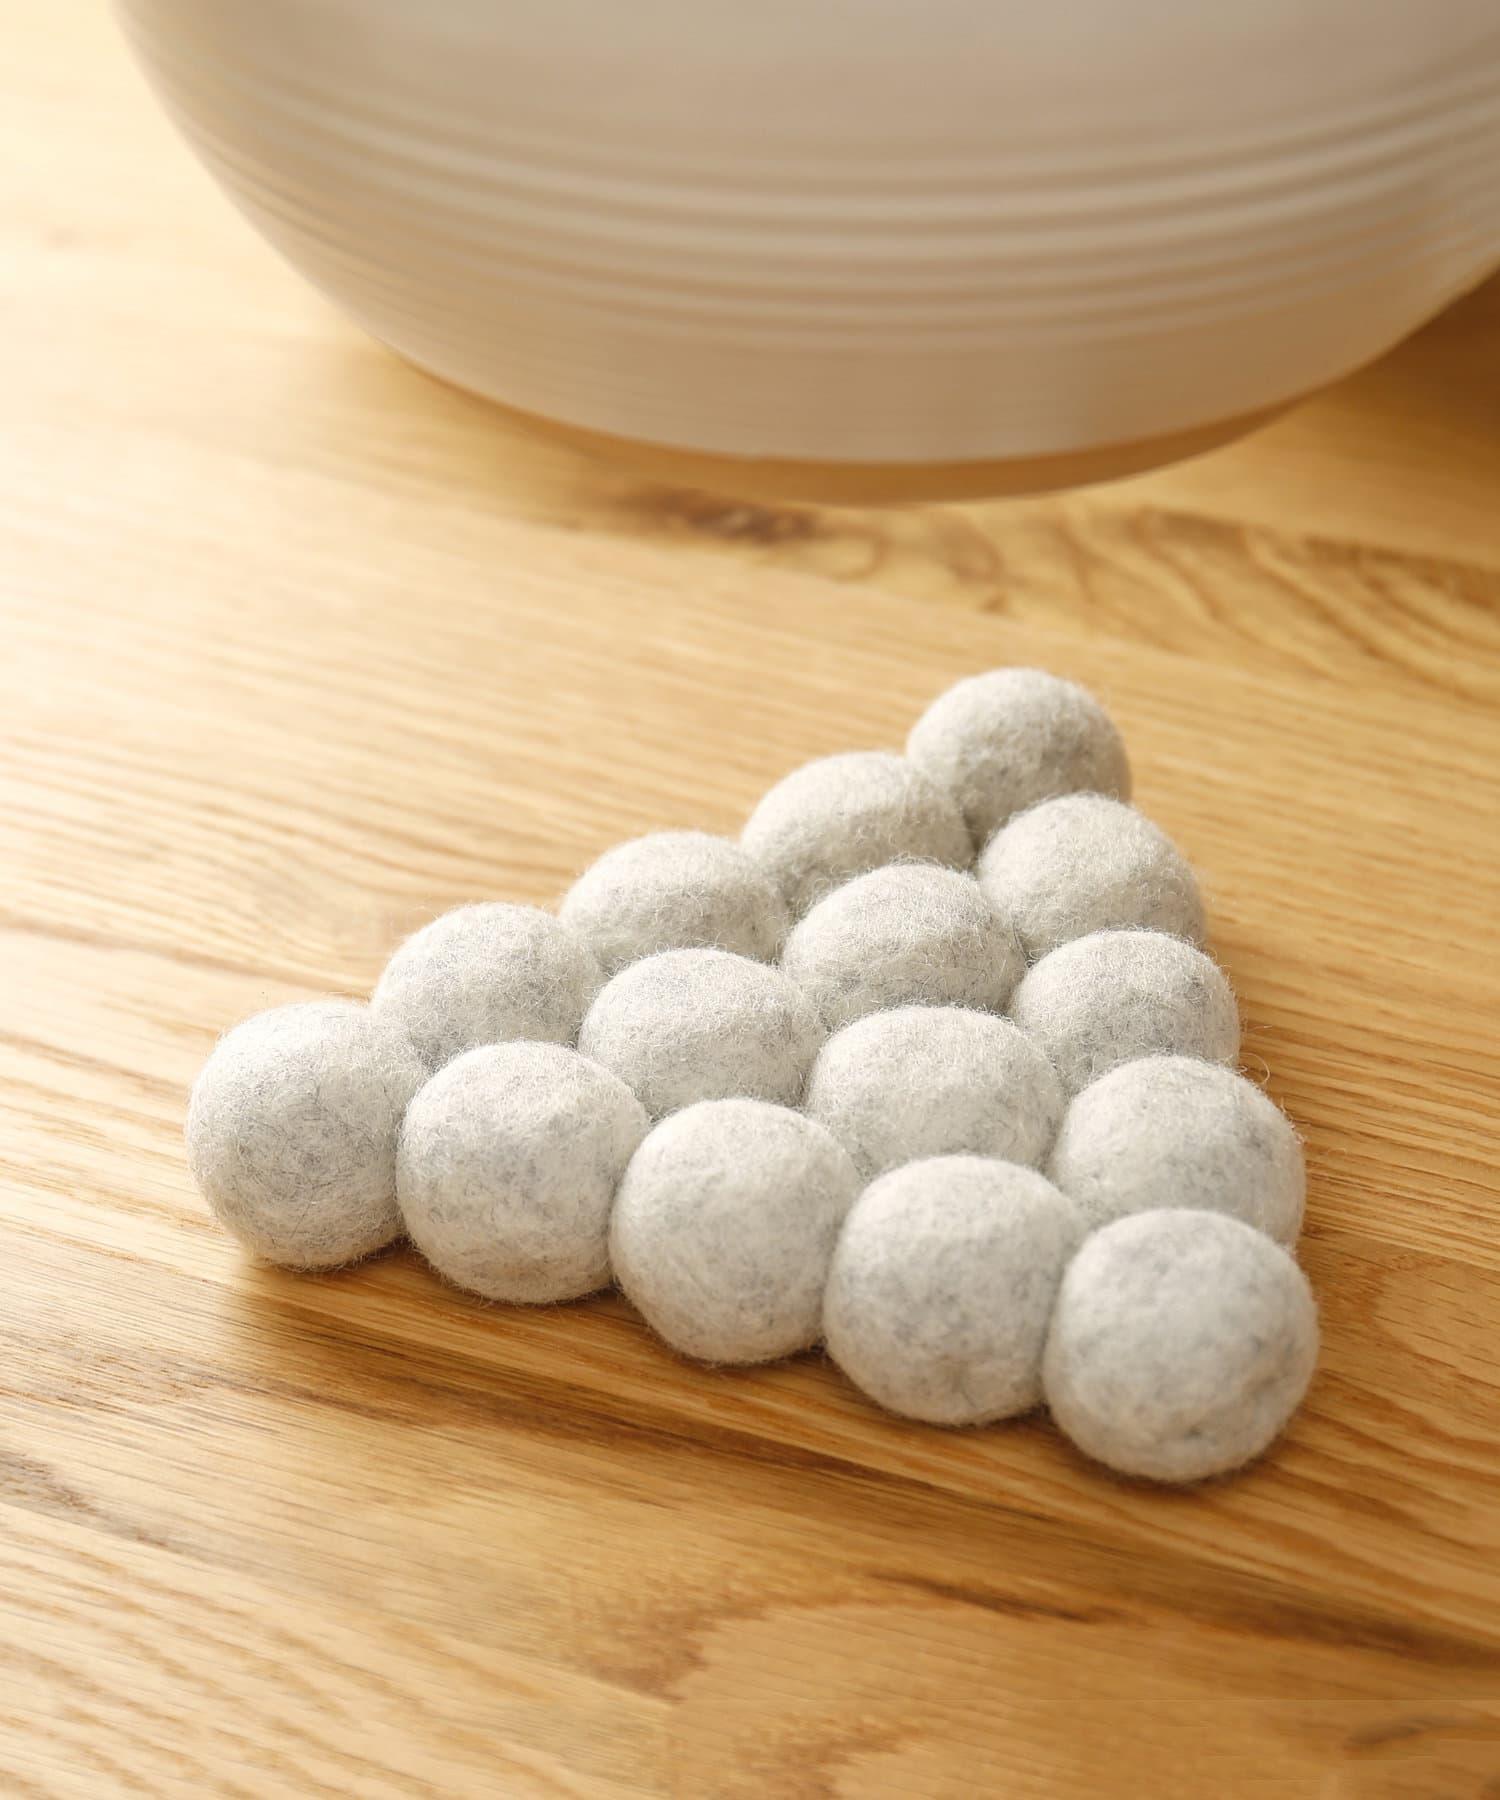 3COINS(スリーコインズ) ライフスタイル ボール鍋敷 グレー